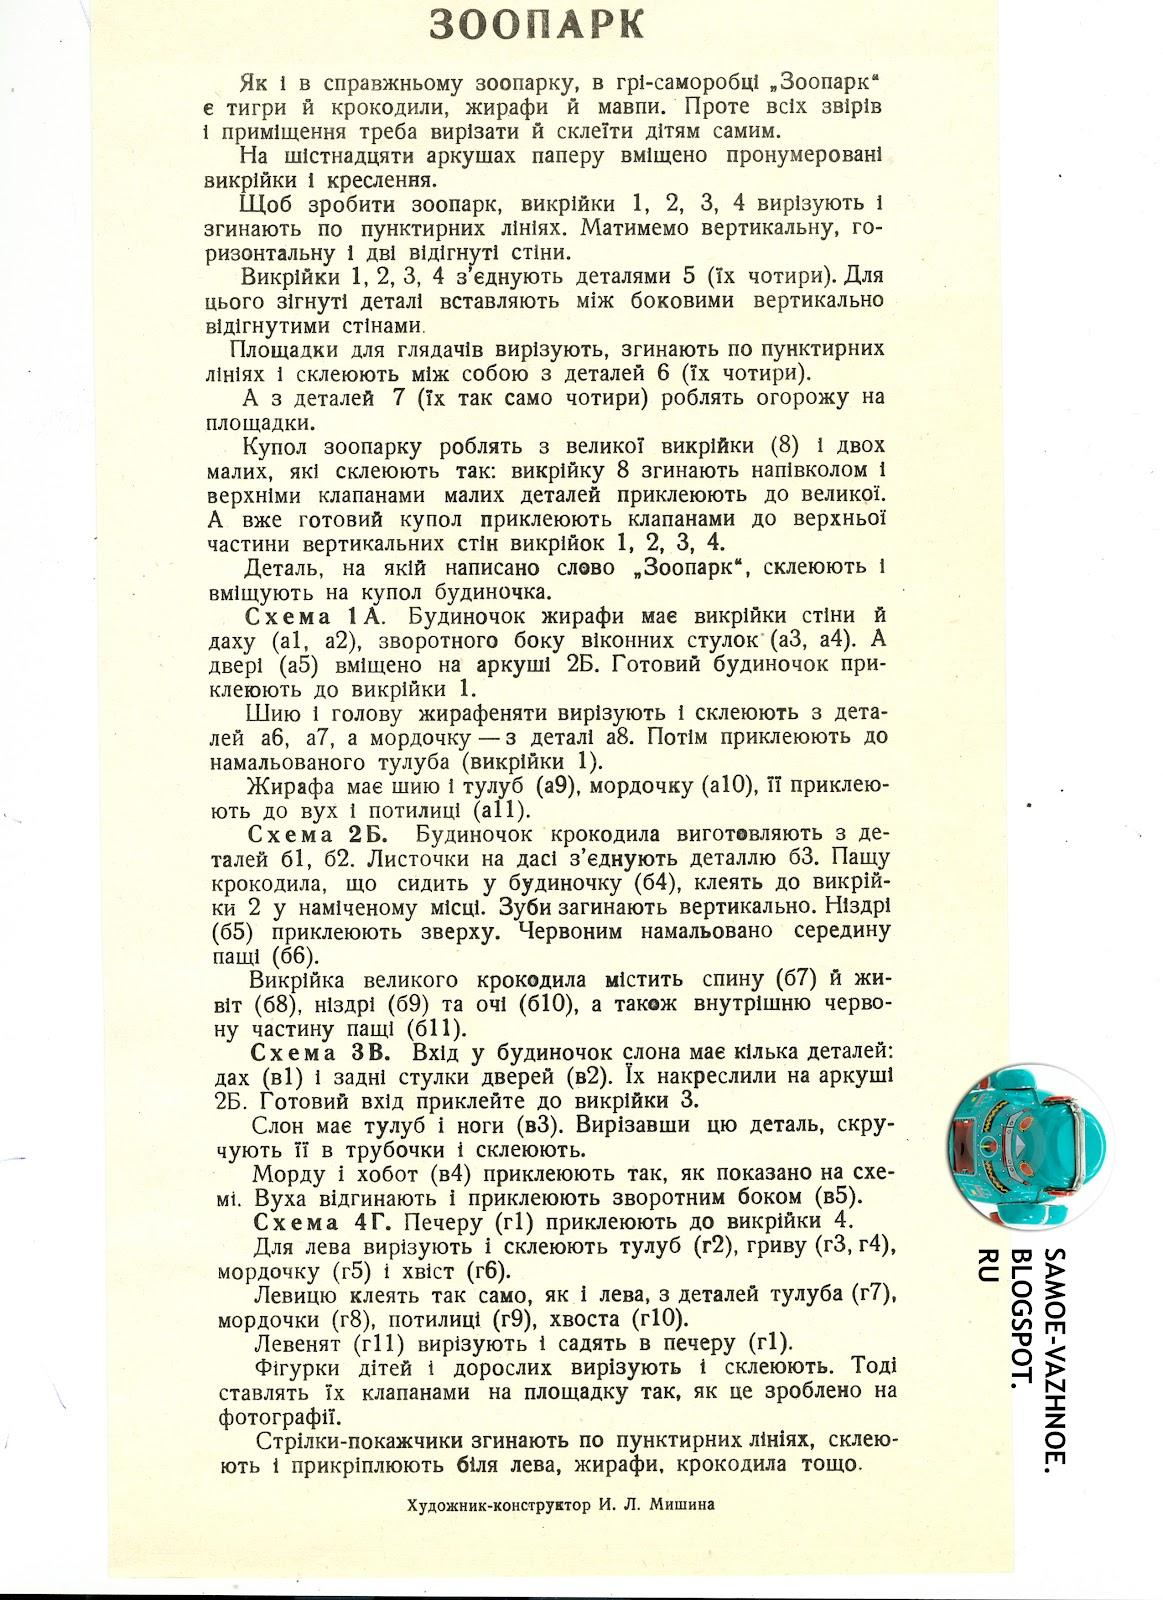 Советские игрушки из бумаги СССР инструкция